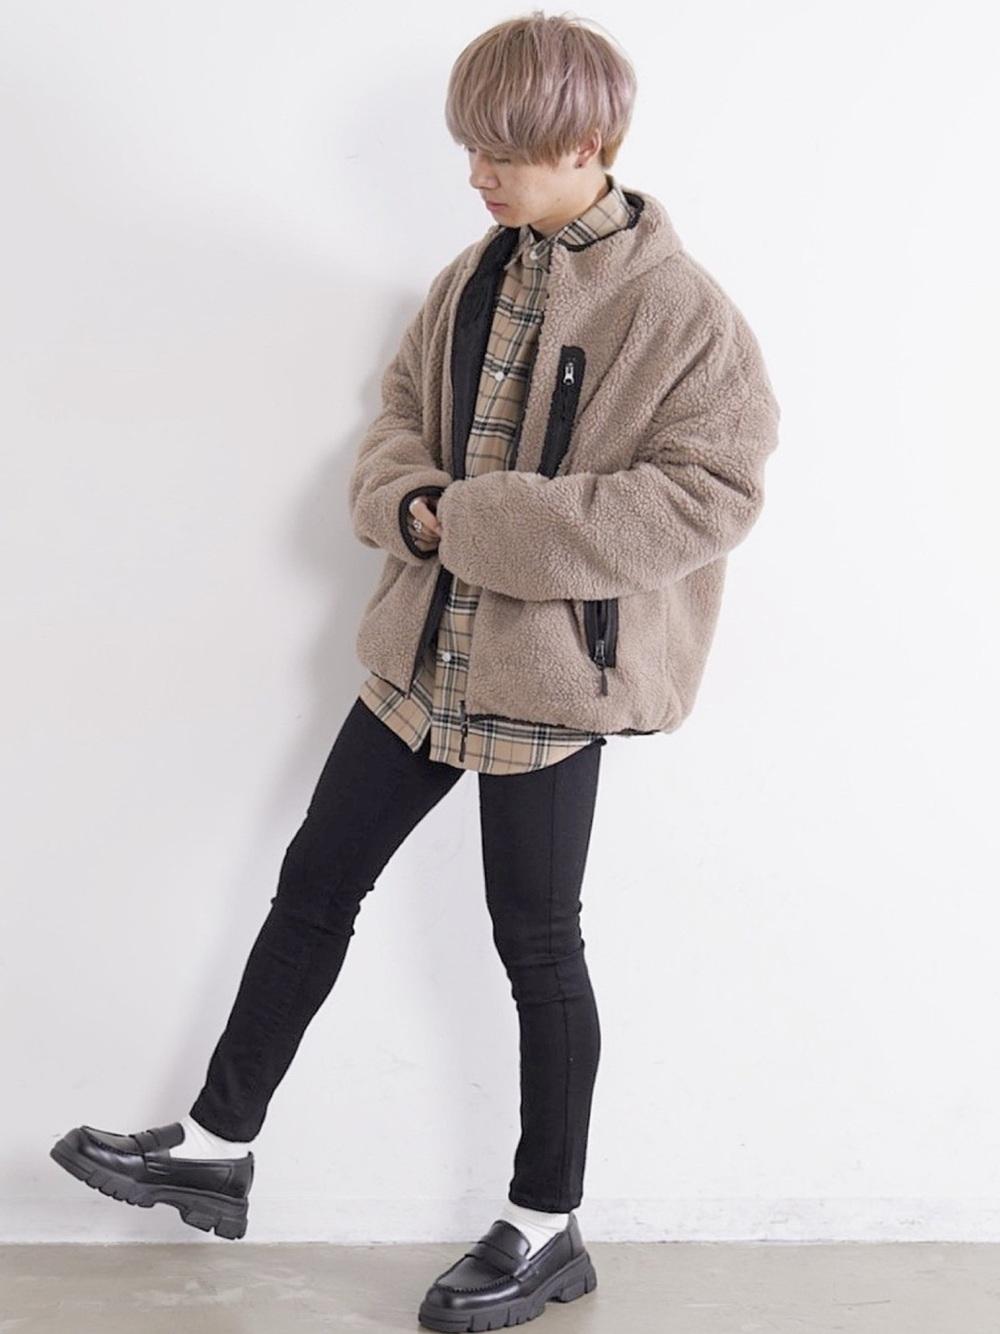 【画像】今年流行のメンズファッションがこちらwww